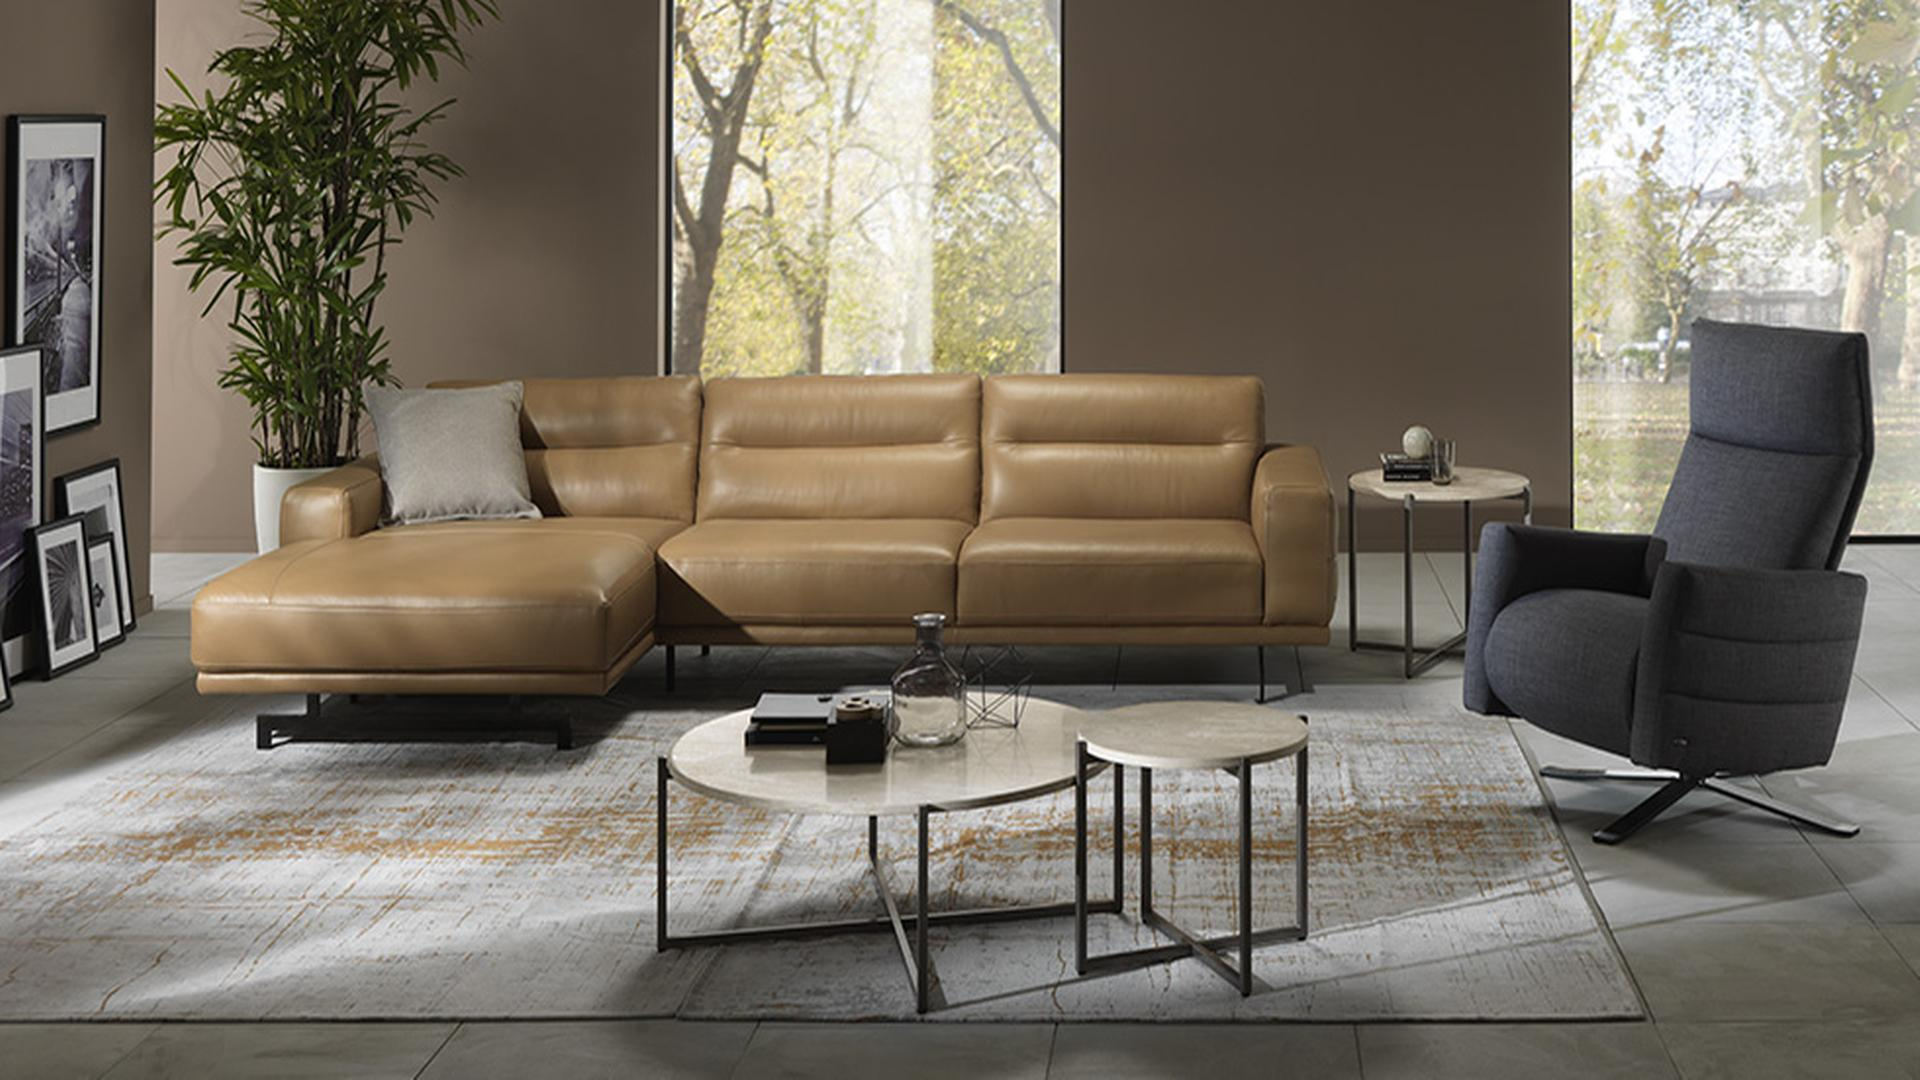 AUDACIA sofa natuzzi mallorca